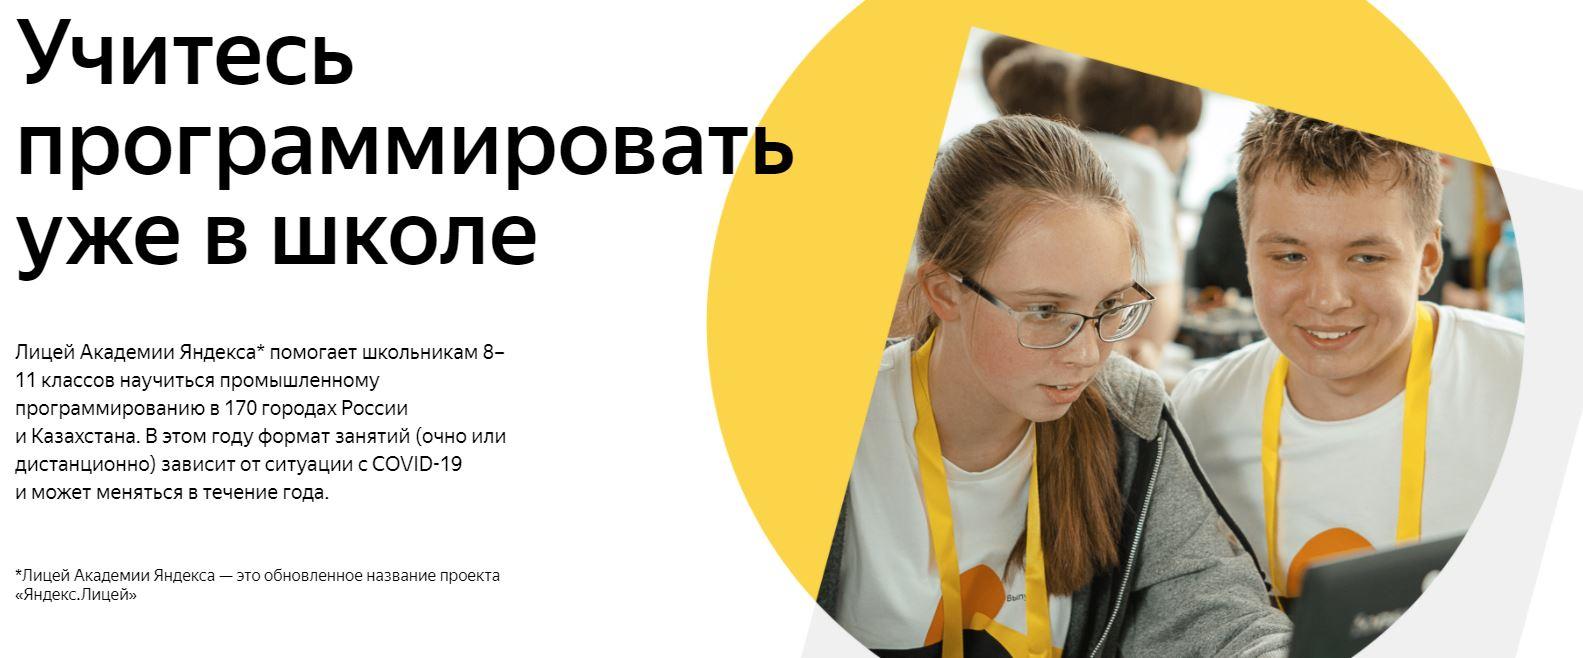 Лицей Академии Яндекса